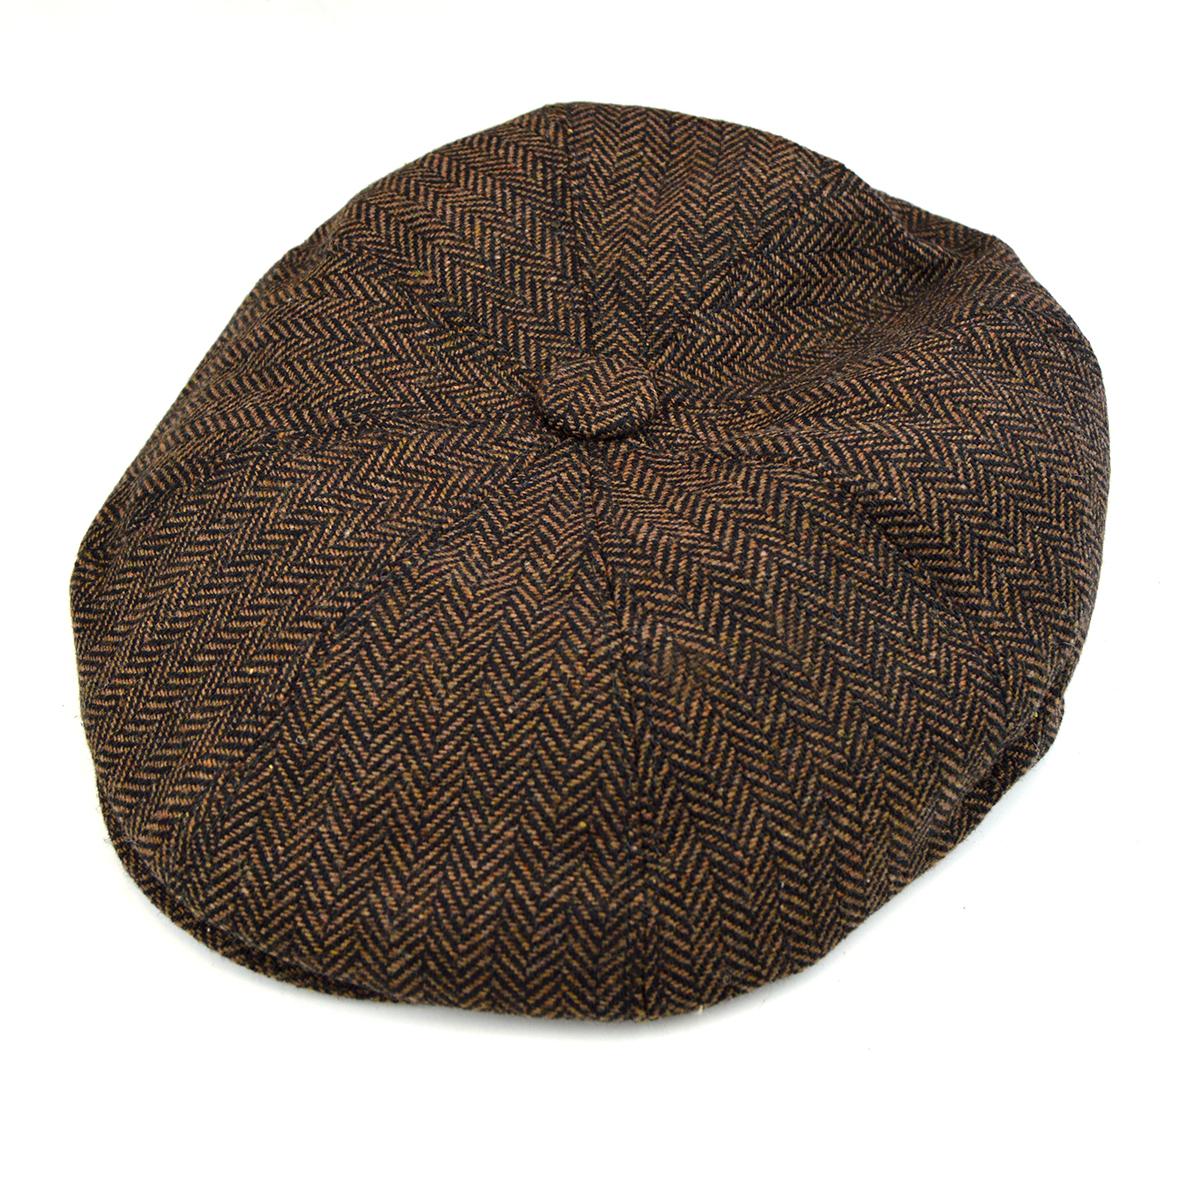 0264f5c4586 Brown Herringbone Newsboy Hat – Peaky Blinders Style – Mod Shoes